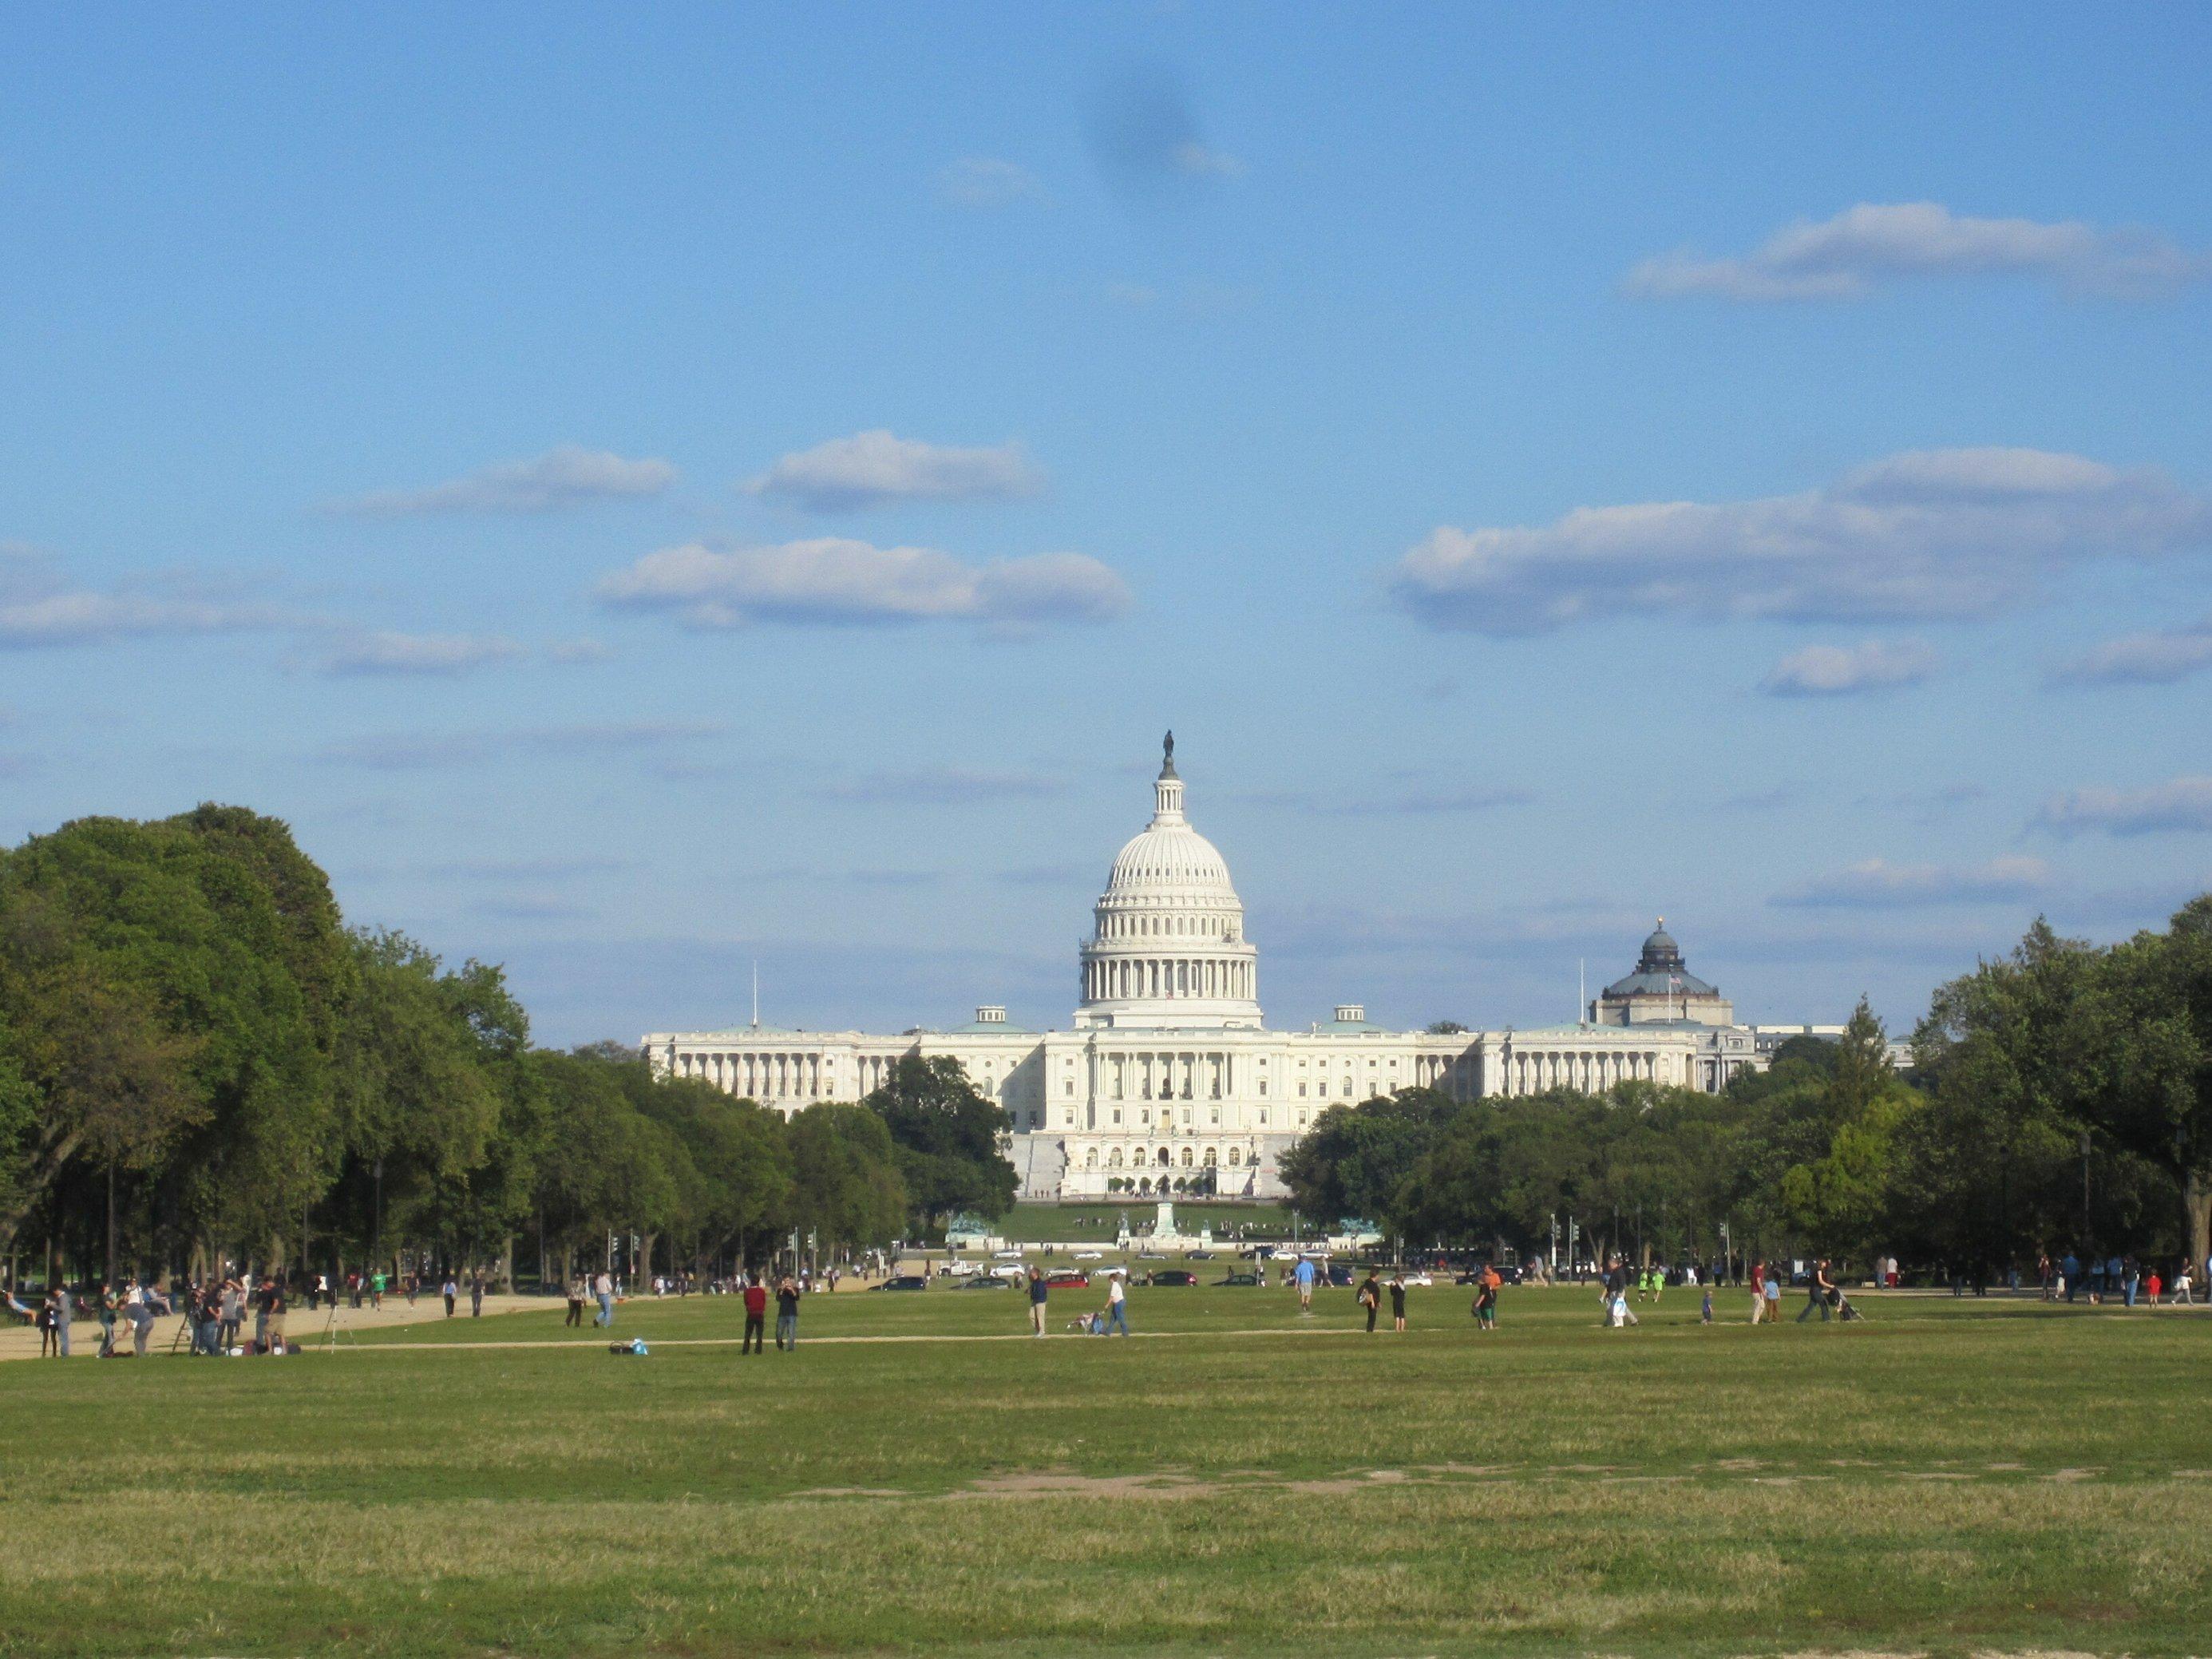 Das Kapitol in Washington, D.C. Im Vordergrund halten sich Menschen auf dem Rasen auf.